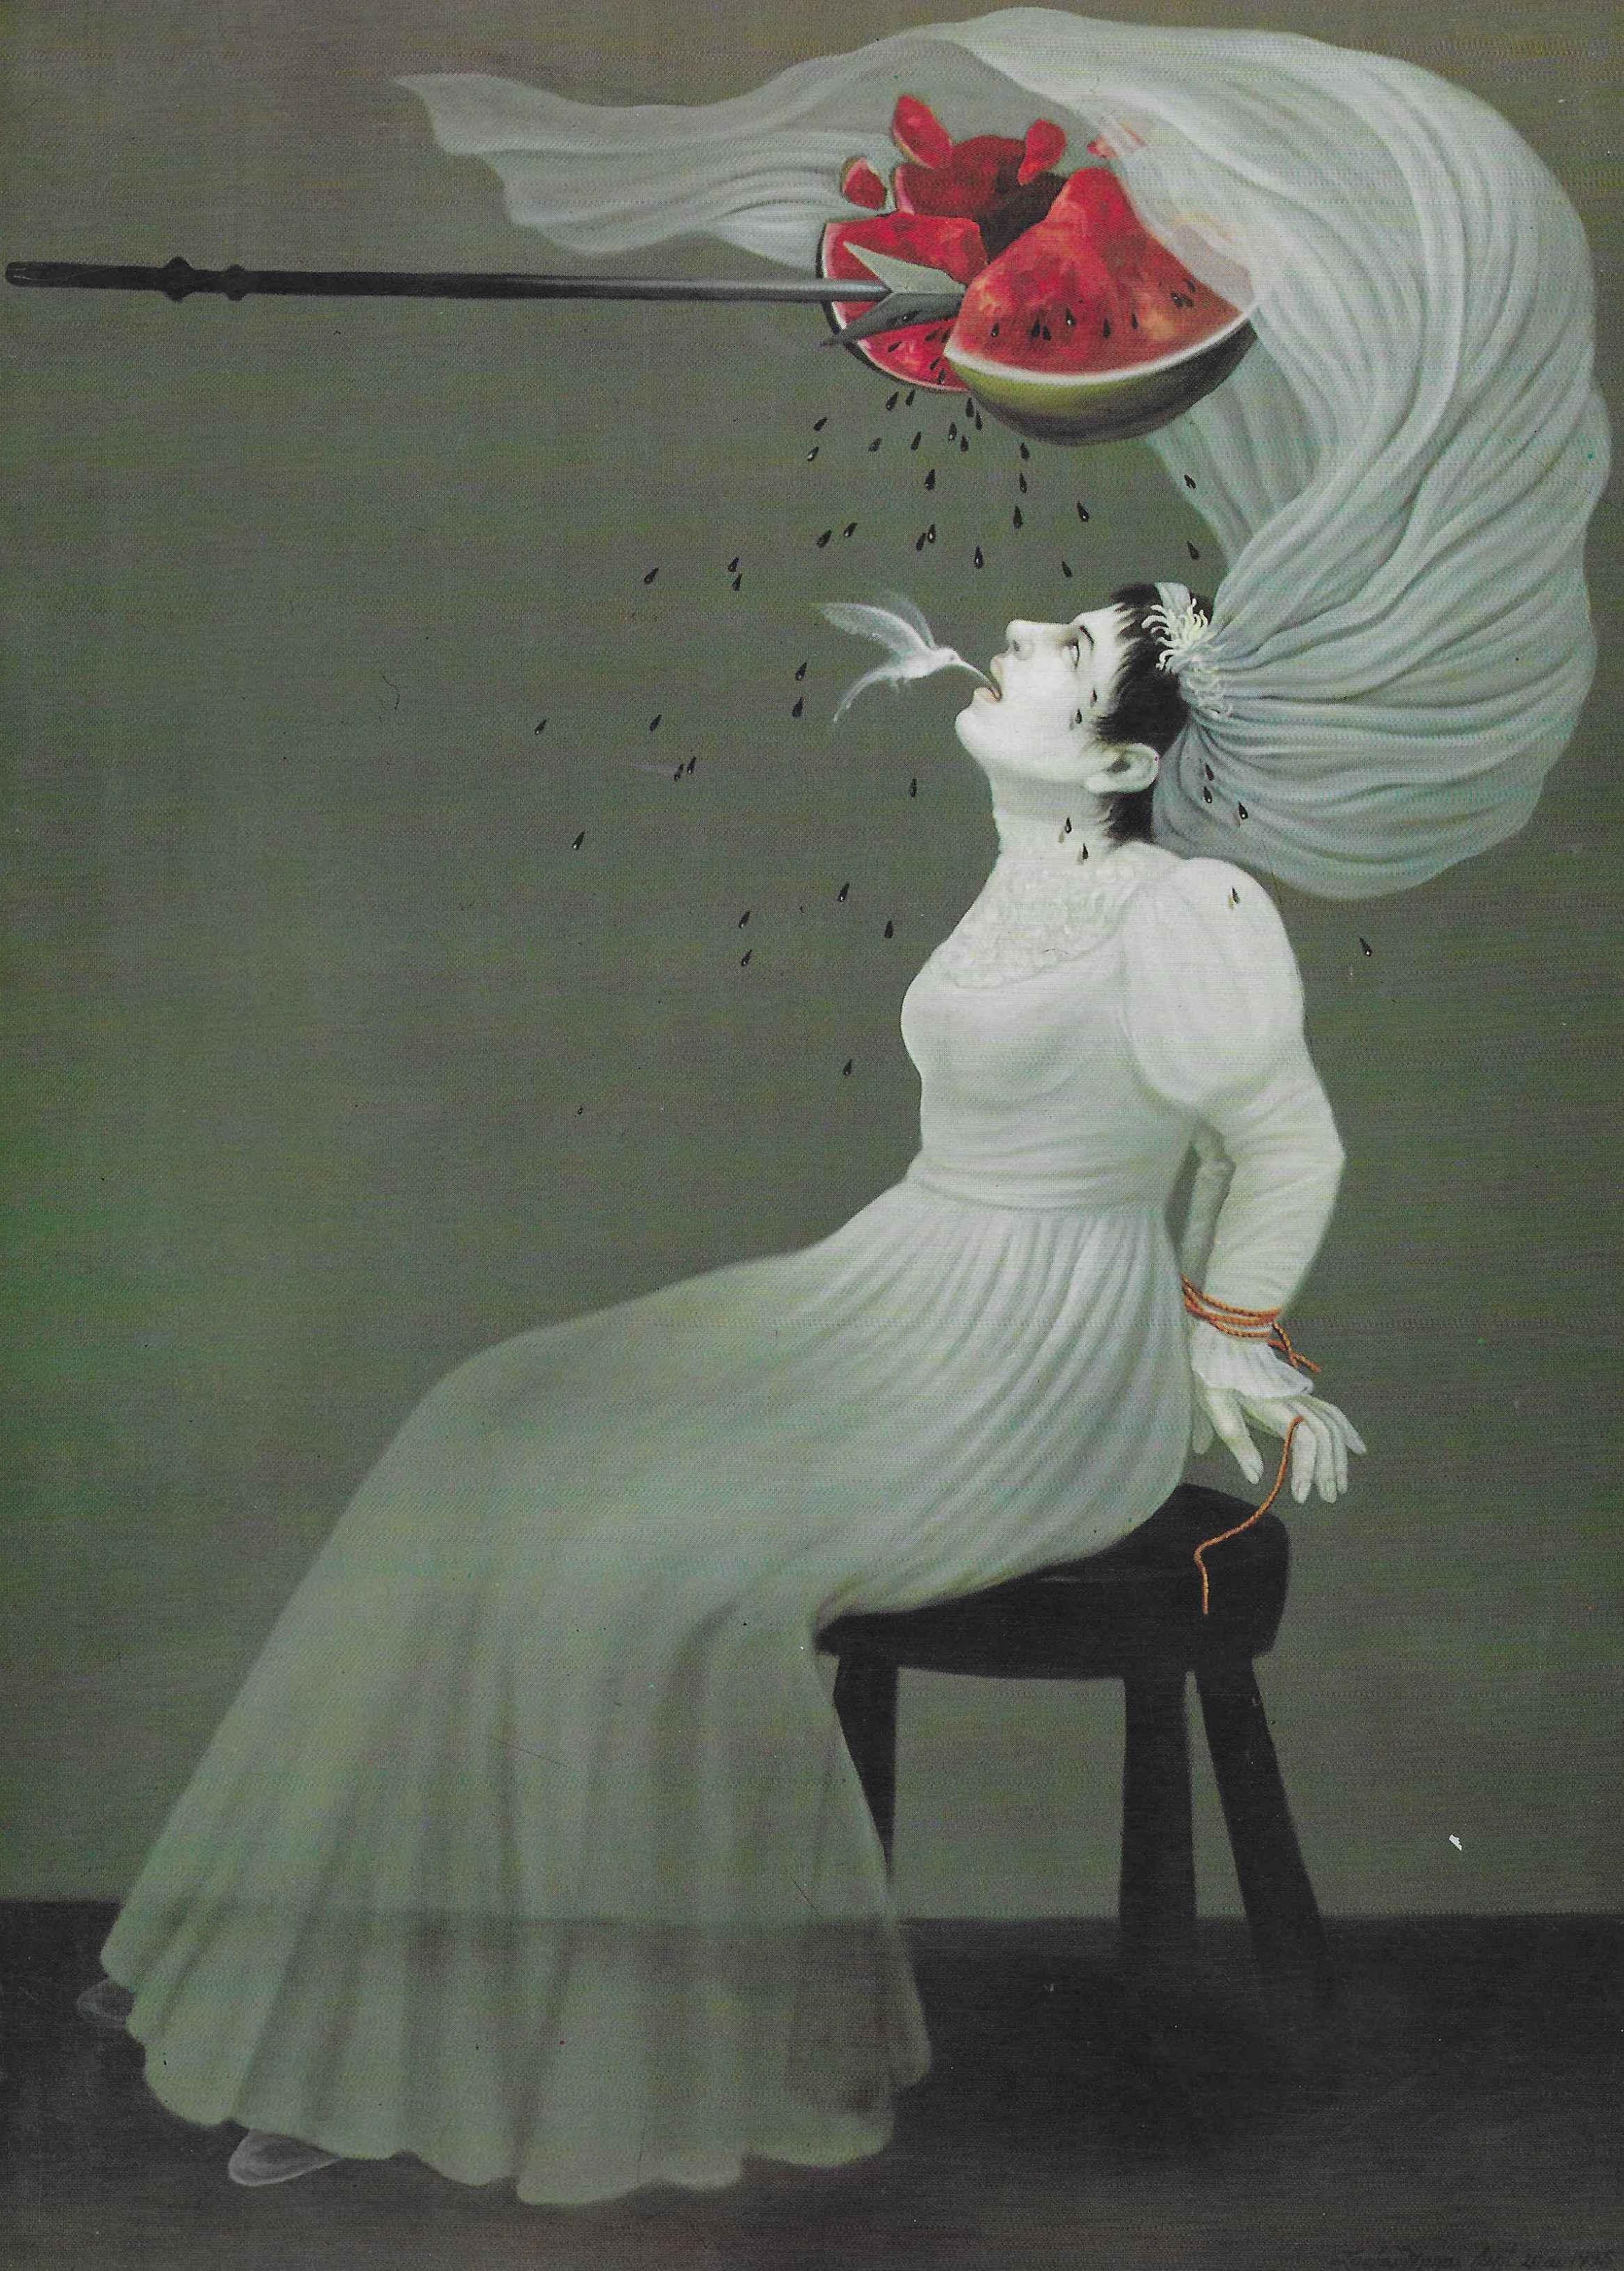 - Lucia Maya (United States, b. 1953)Elíxir del olvido / Elixir of Oblivion, 1995Oil on canvasGift of Ana Iturralde in memory of Jose Maria Iturralde, Sr.M.2017.001Download (JPG)